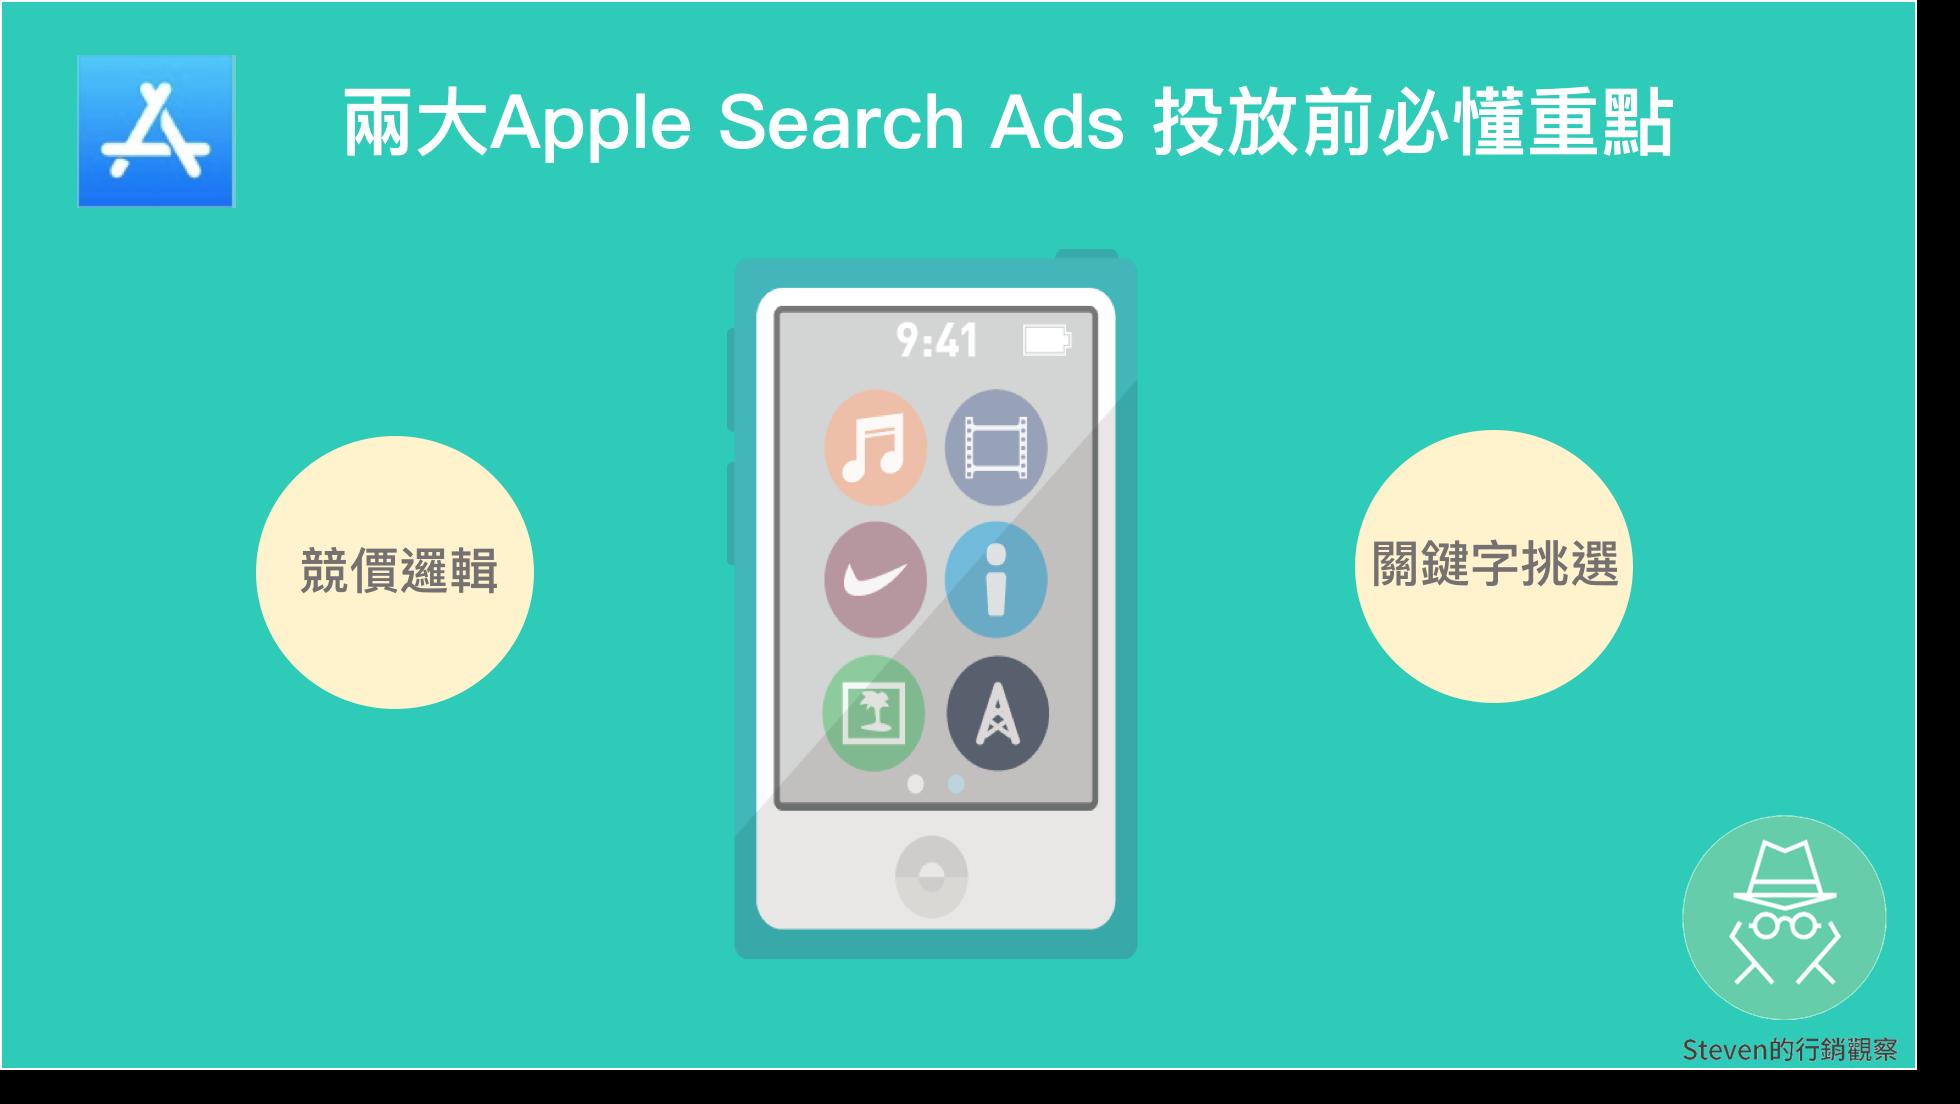 [新手村]Apple Search Ads 投放前必懂的兩大重點